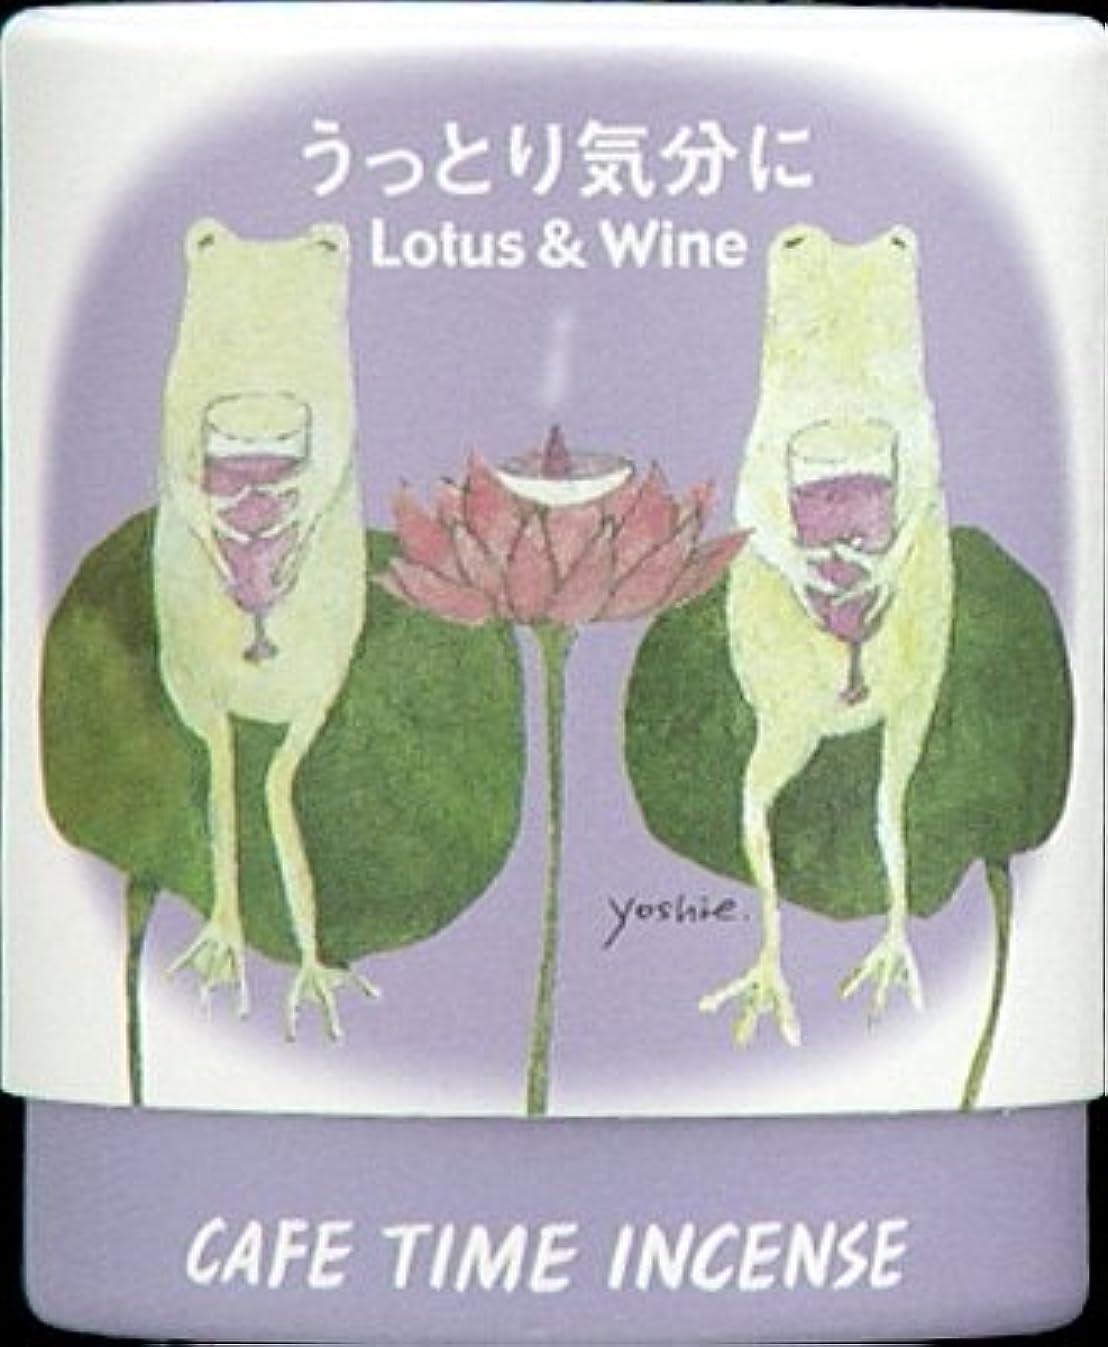 突撃宗教的な請求日本香堂 カフェタイム インセンス うっとり気分に コーン 10個入 (お香)×144点セット (4902125333024)